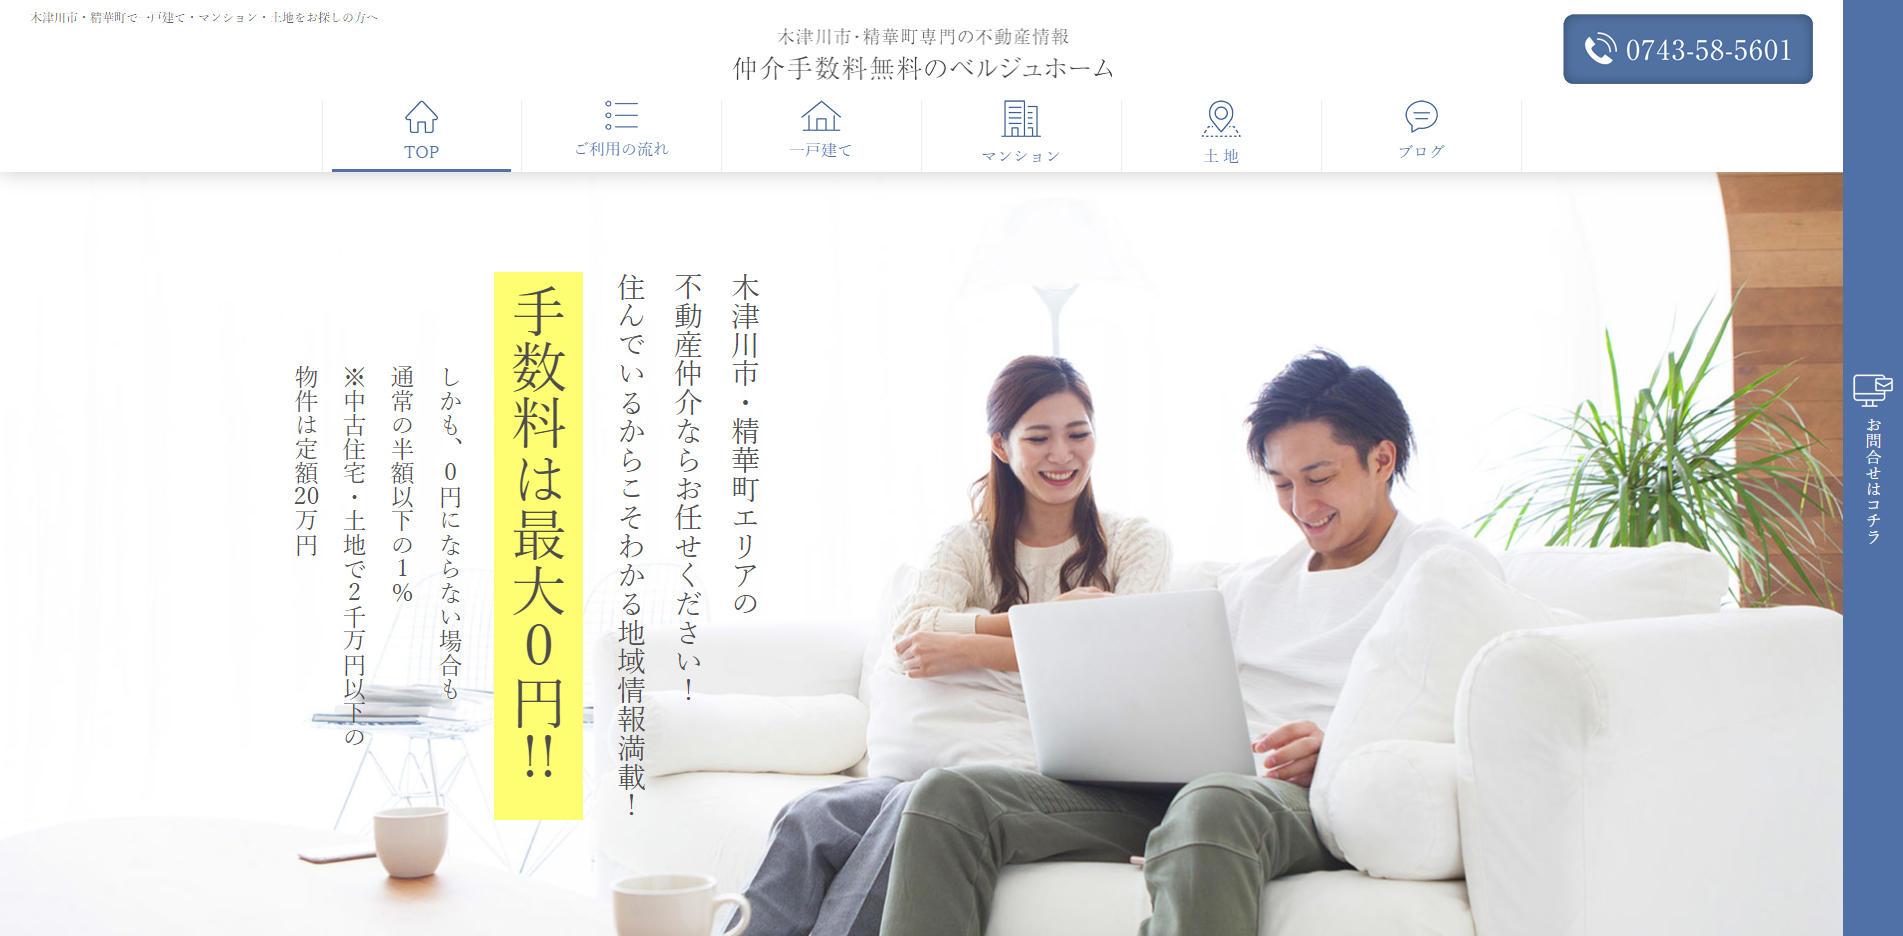 仲介手数料無料のベルジュホーム 木津川市・精華町専門サイトパソコン版